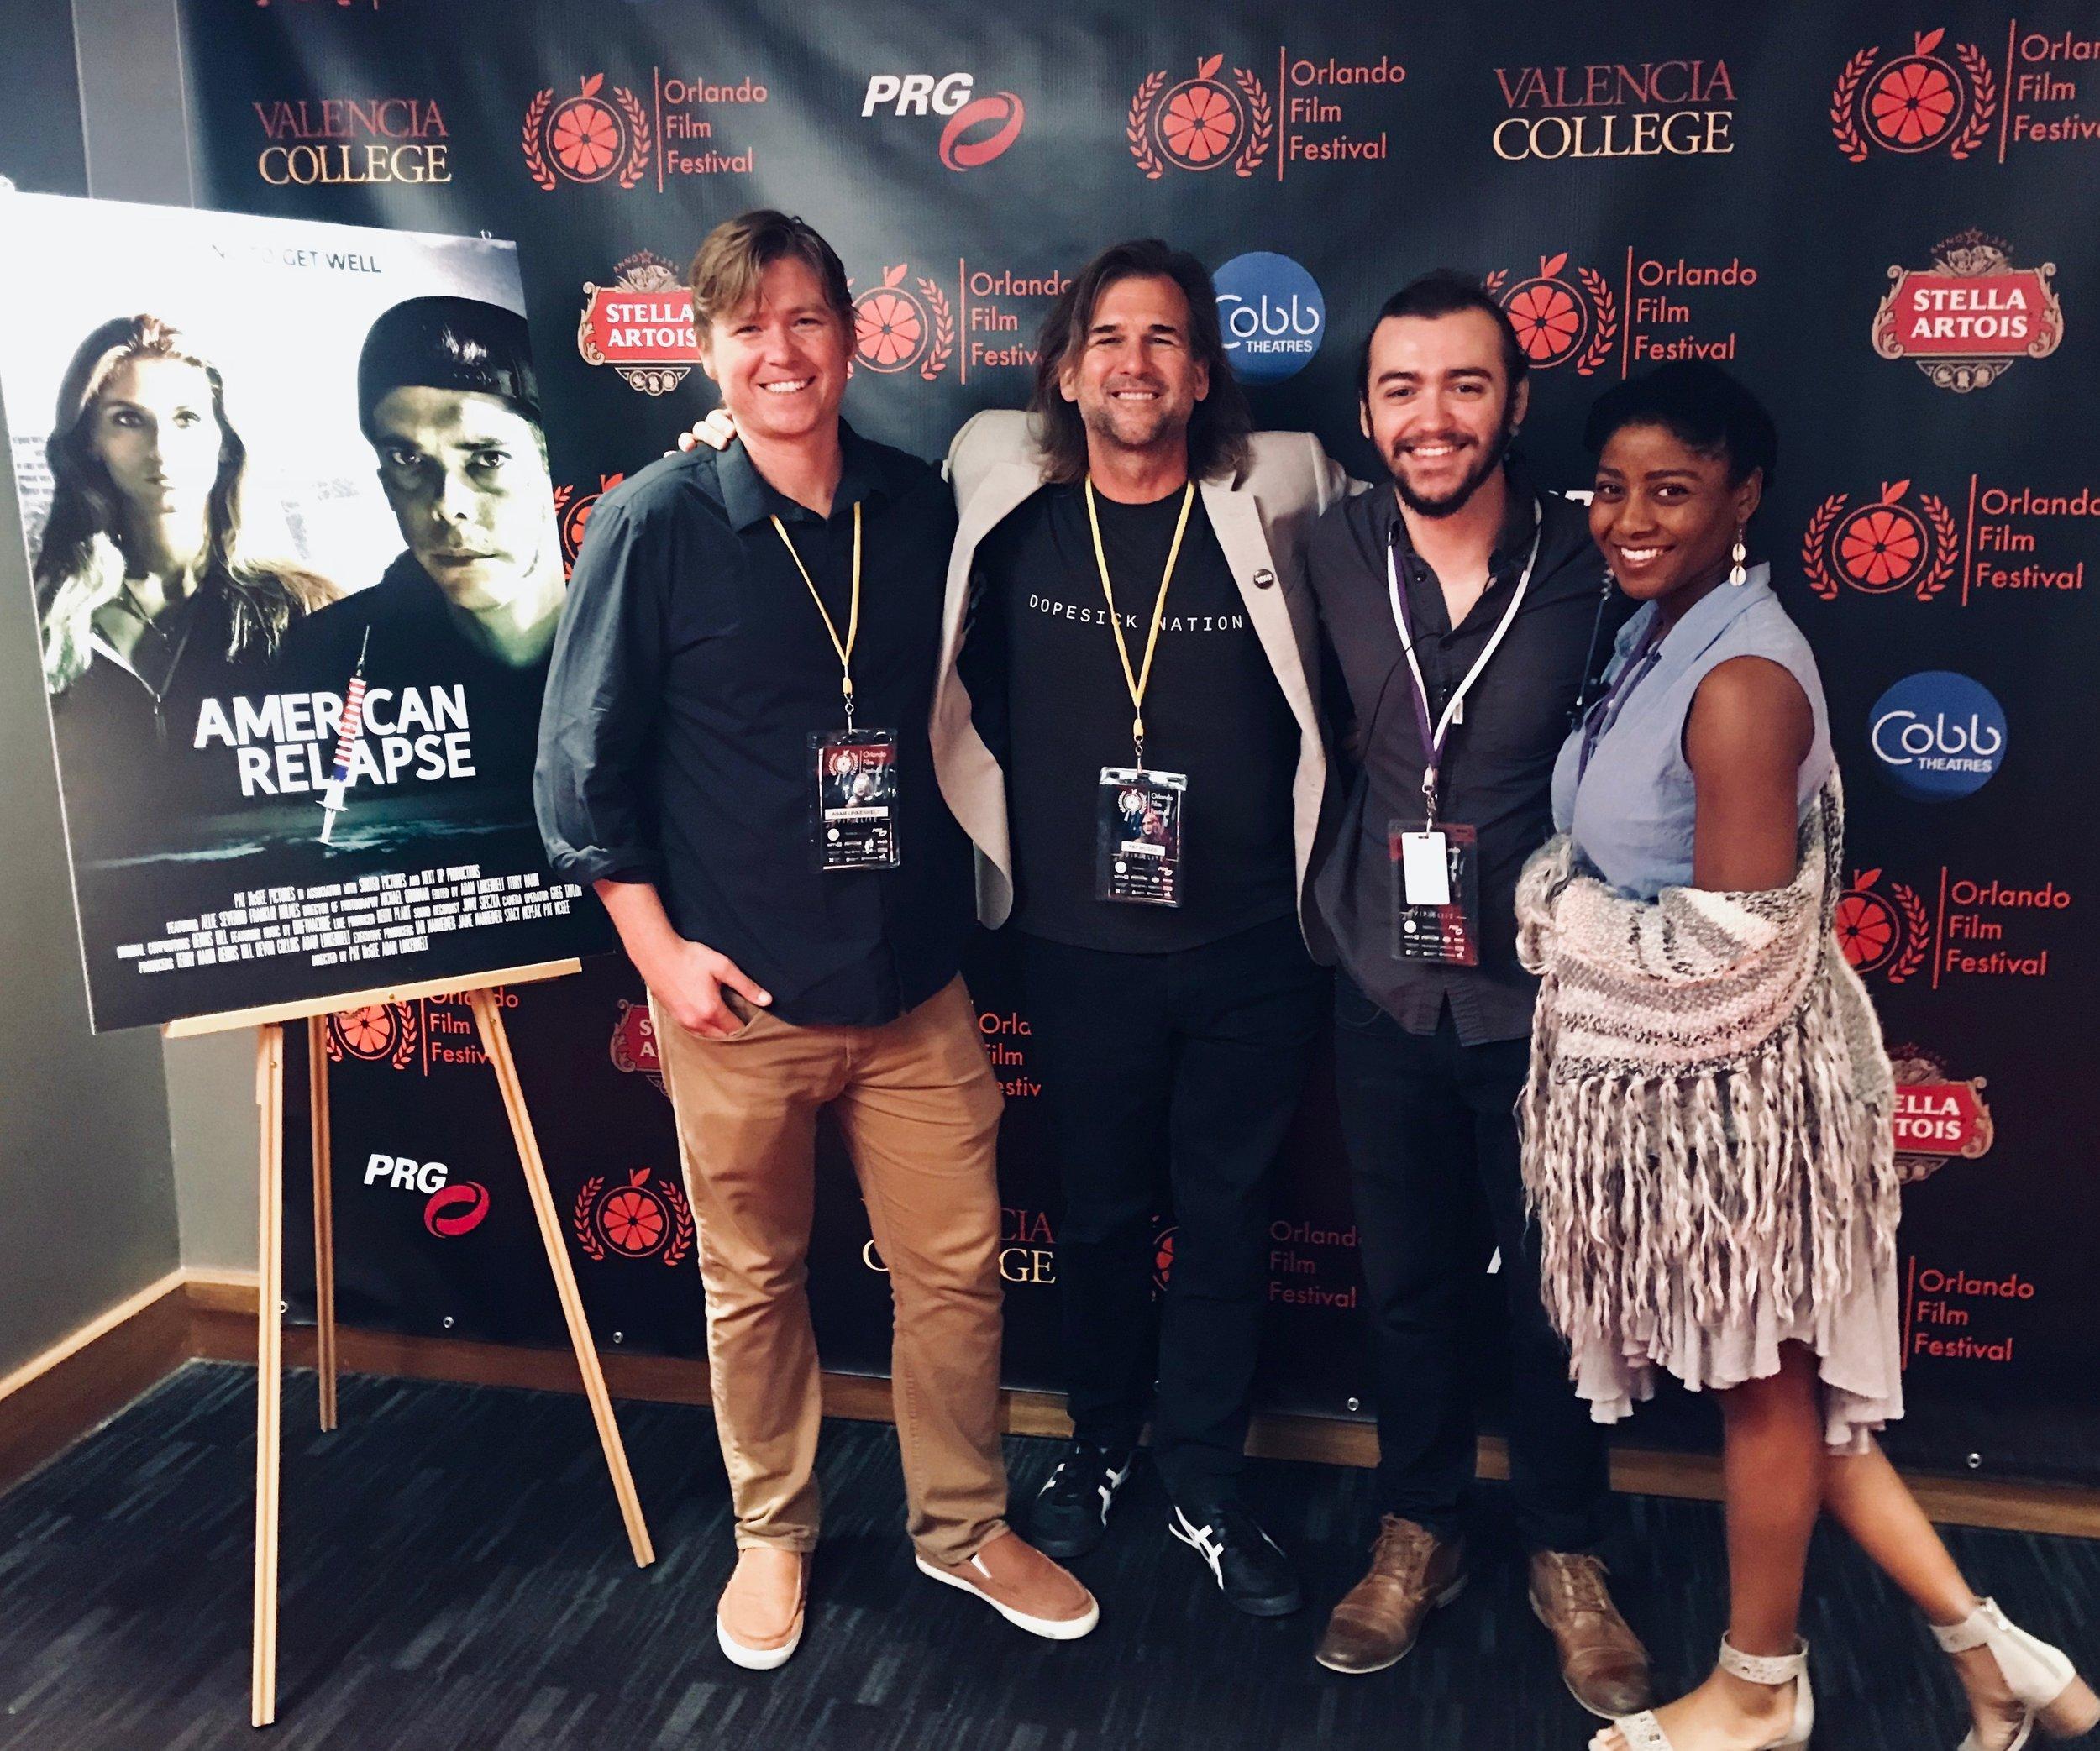 2018 ORLANDO FILM FESTIVAL